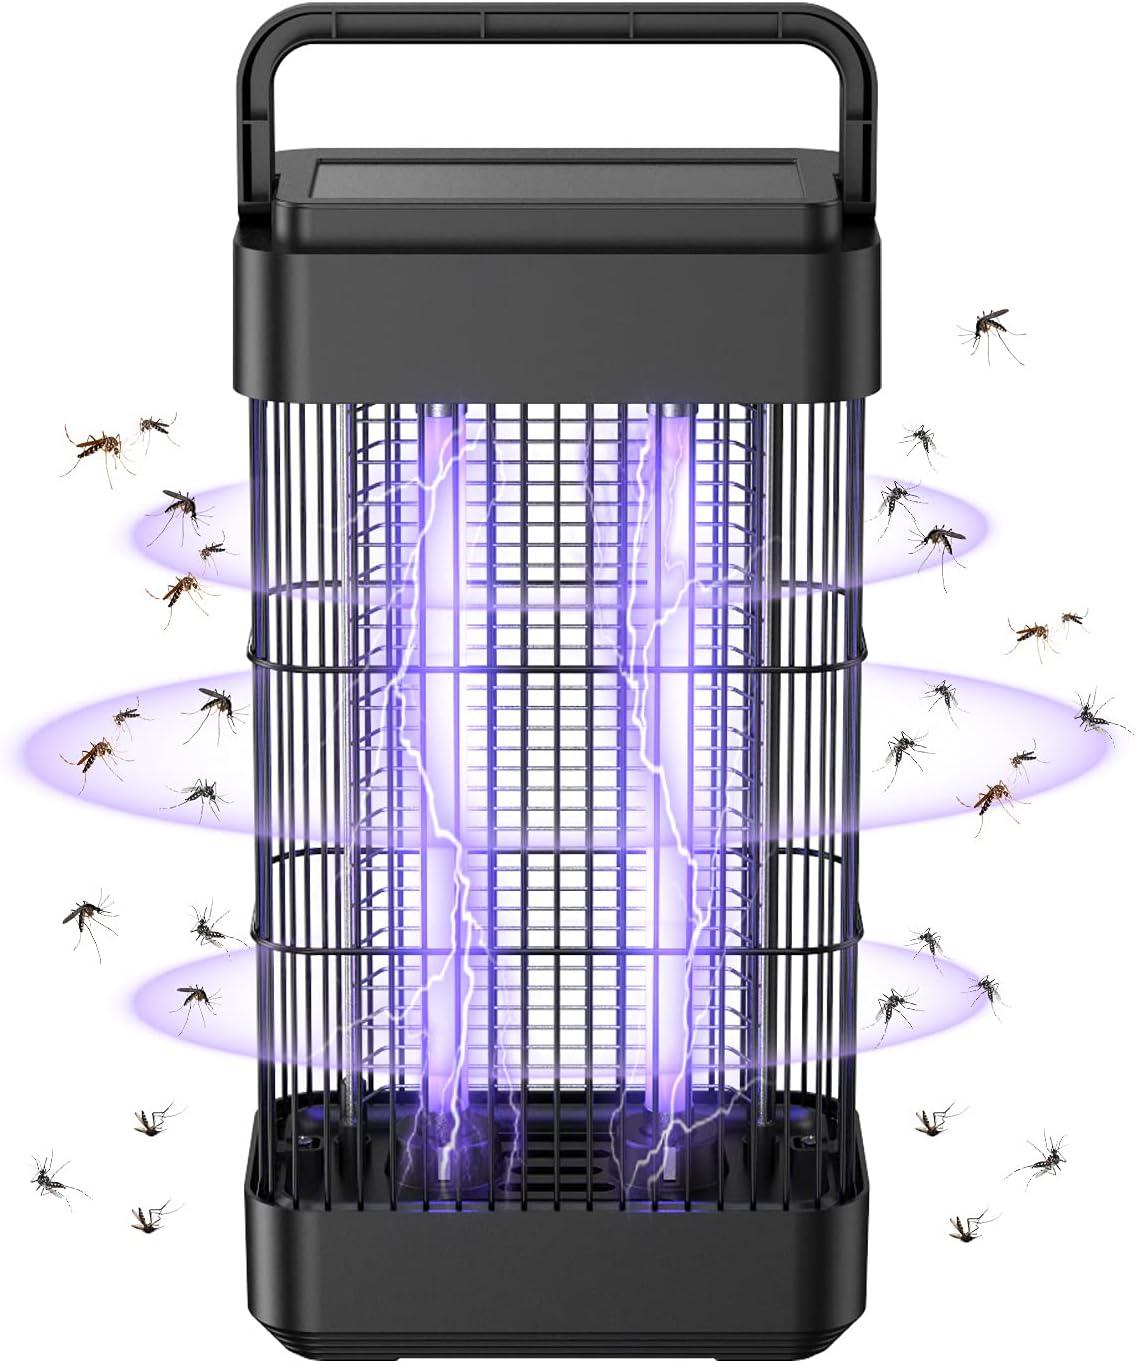 Exatfina Lámpara Anti Mosquitos Electrico,18W Luz Ultravioleta de Mosquitos Interior,2400V Asesino de Mosquitos Electrico Eficaz No tóxicos para HogarJardín Oficina Restaurante